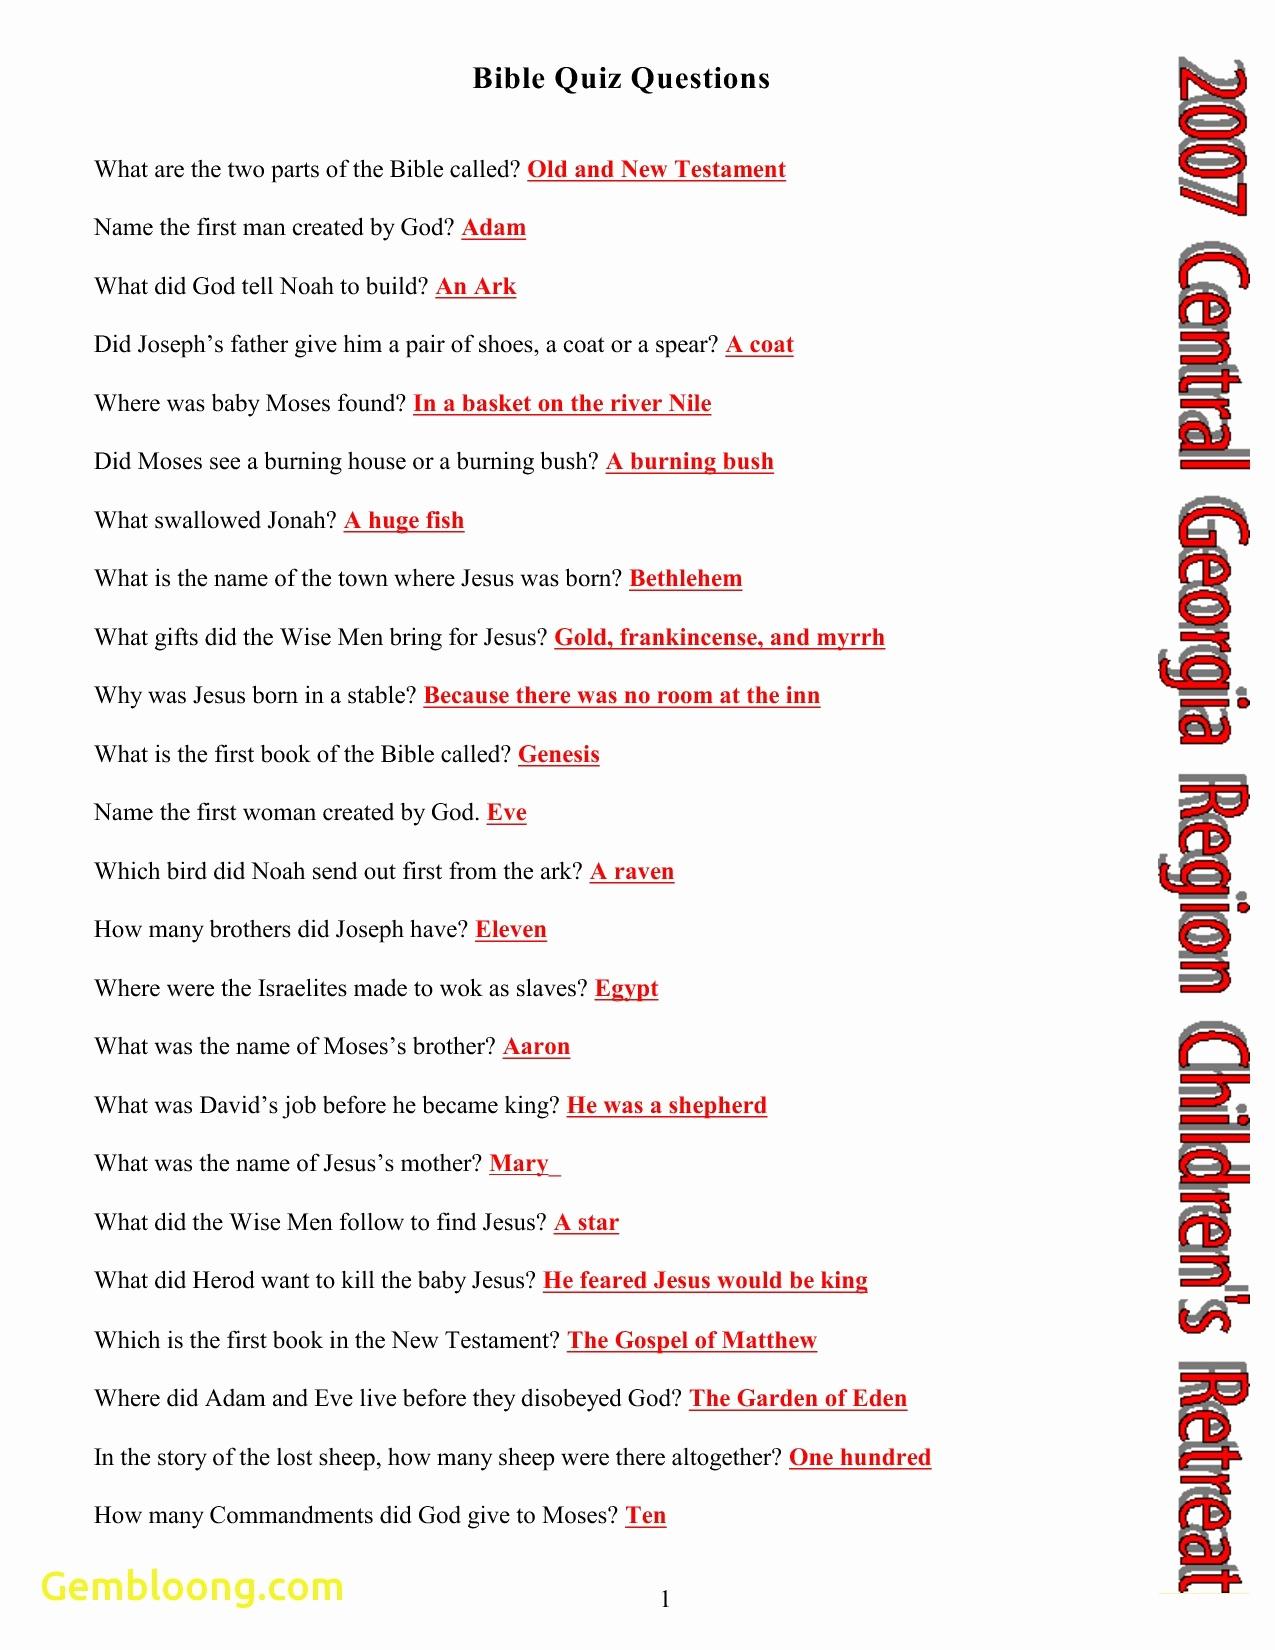 Printable Bible Trivia And Beautiful Printable Bible Trivia - Free Printable Bible Trivia For Adults